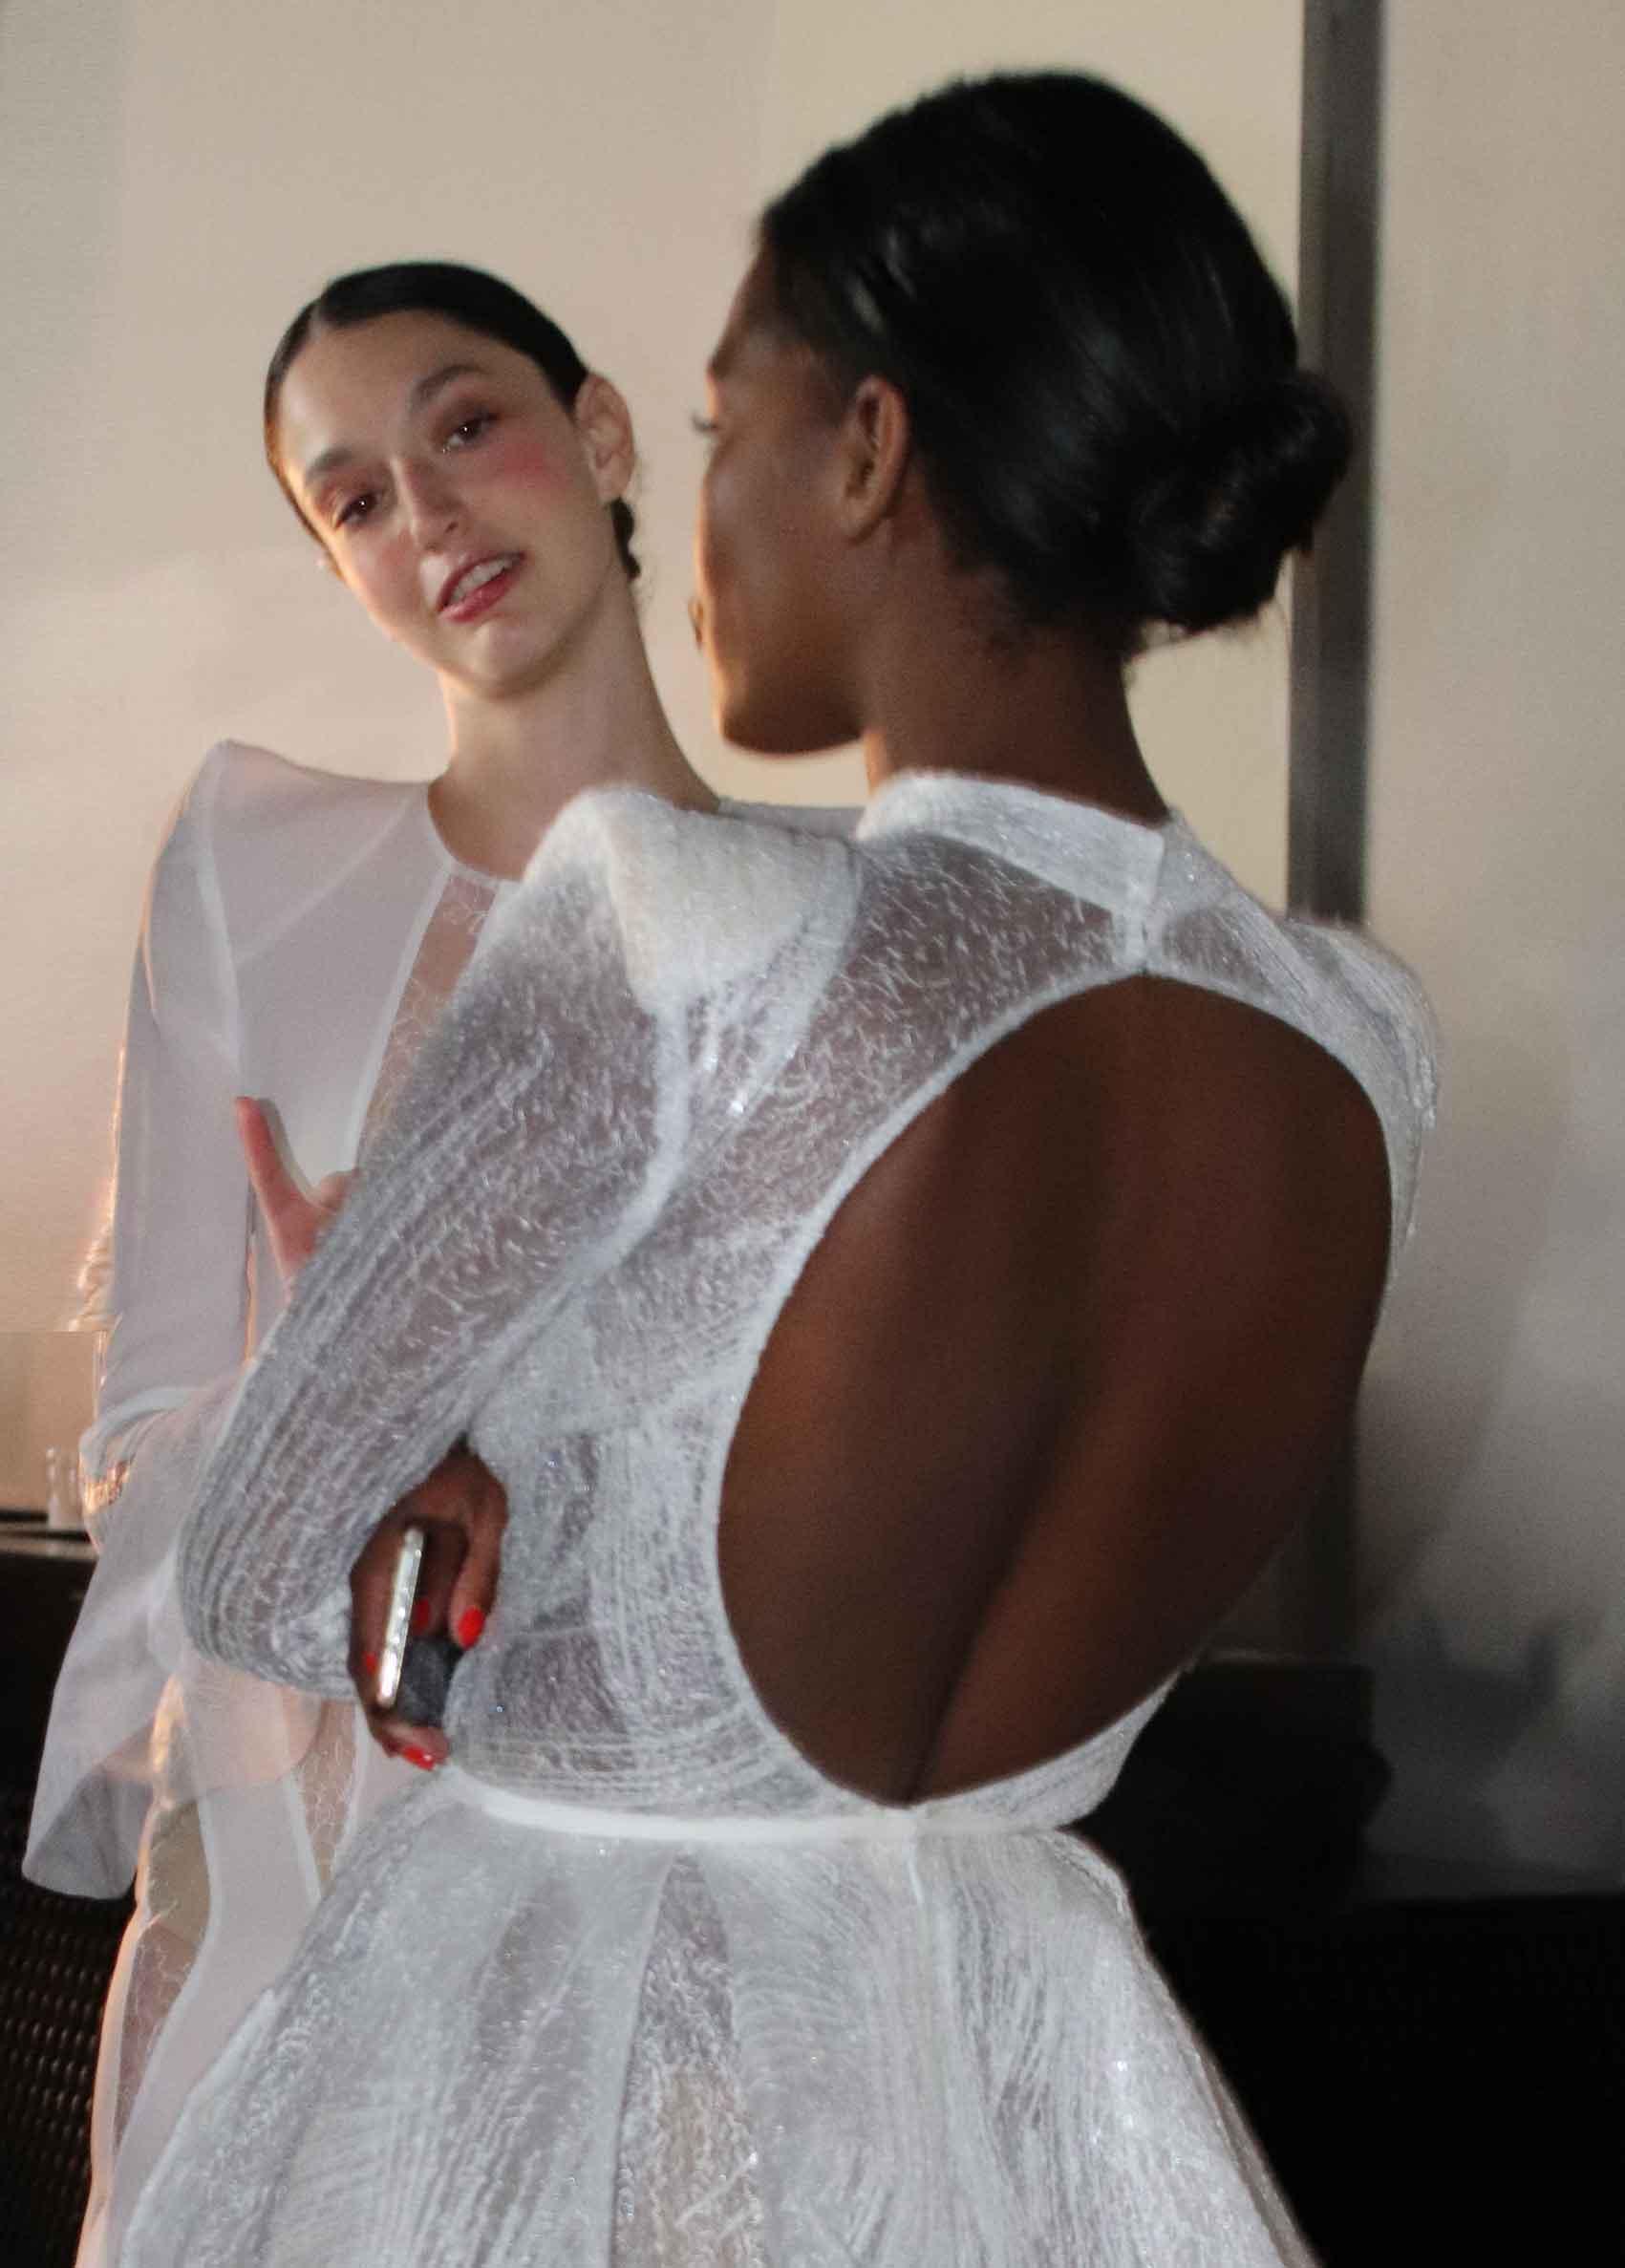 גילי-אלגבי-איפור-ביוטי-מגזין-אופנה